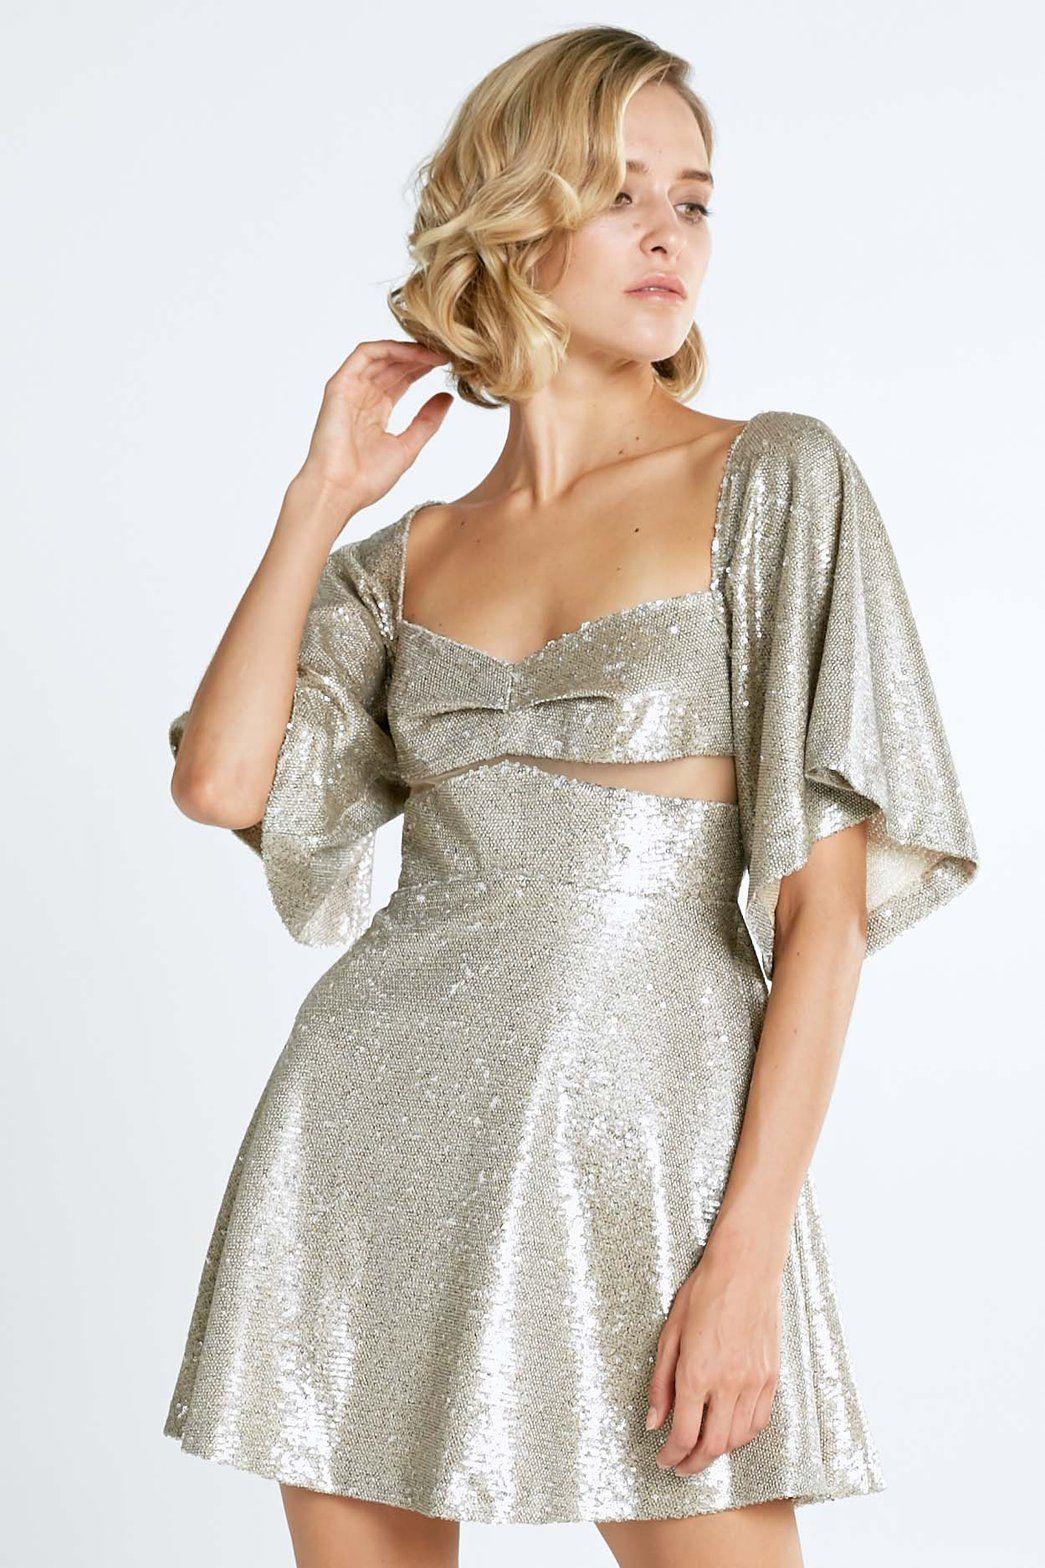 a99f6d6a797e Farrah Silver Sequin Mini Dress | Clothes 2 | Pinterest | Dresses ...